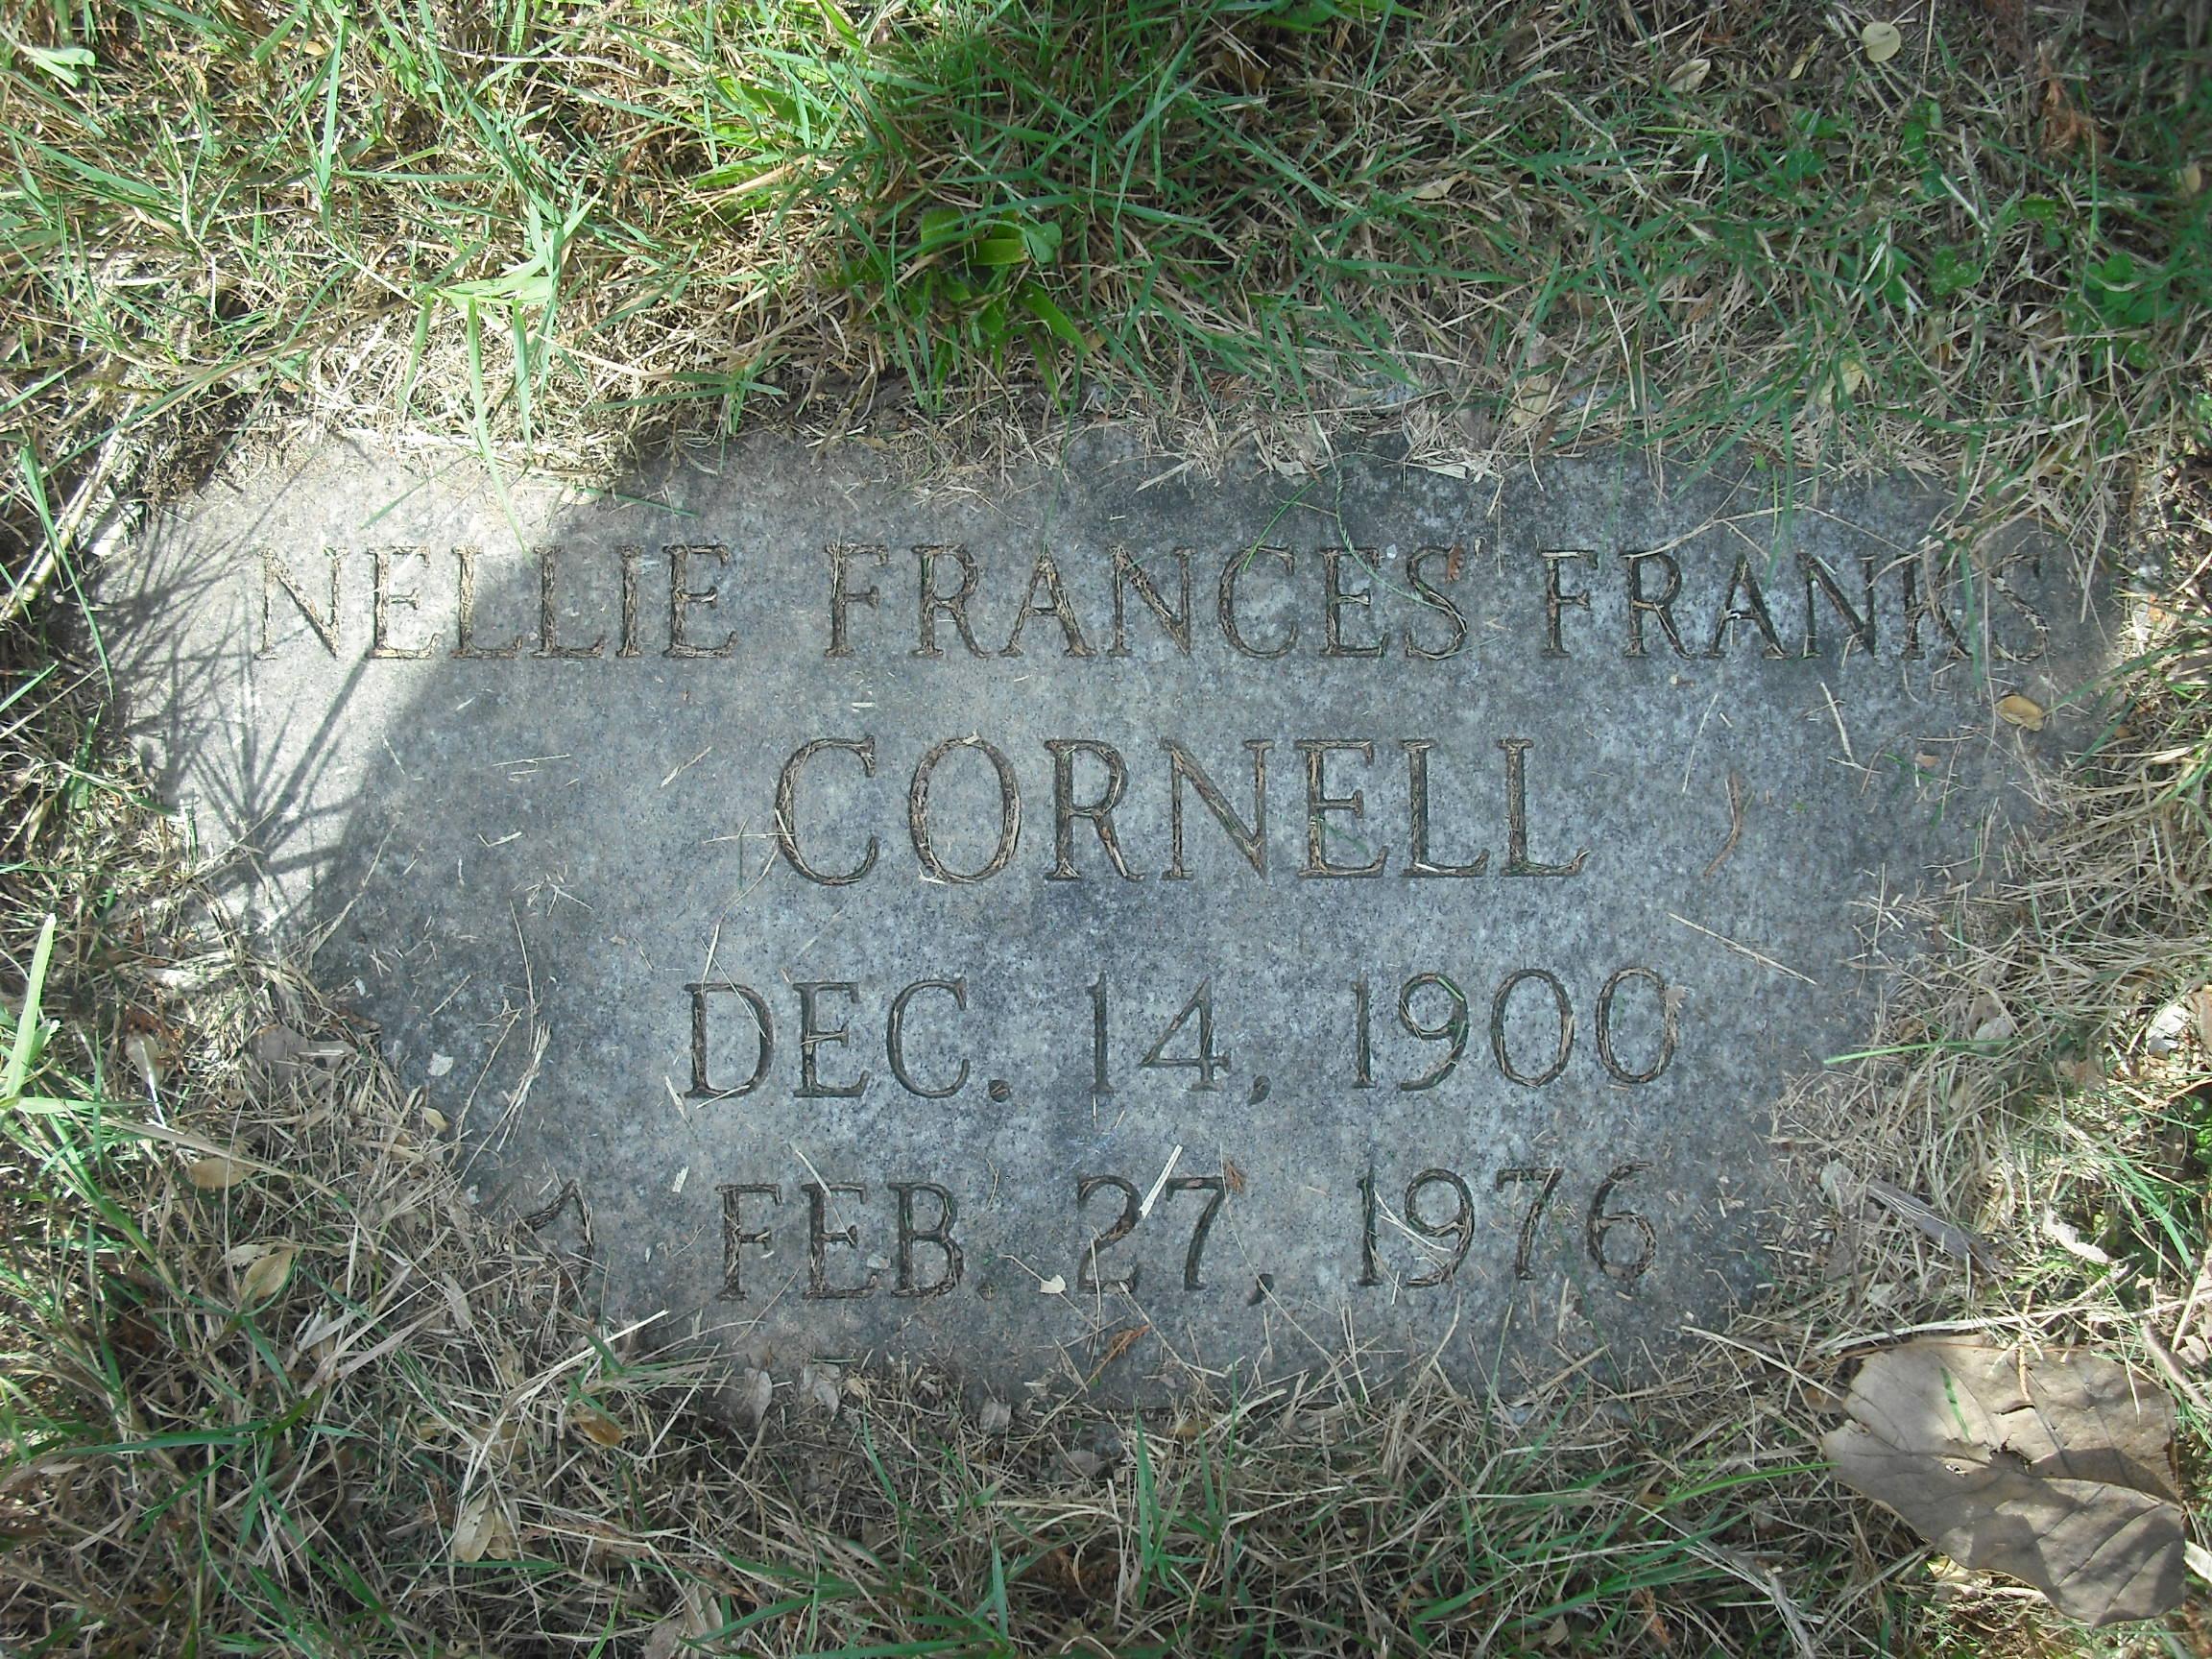 Nellie Frances <i>Franks</i> Cornell